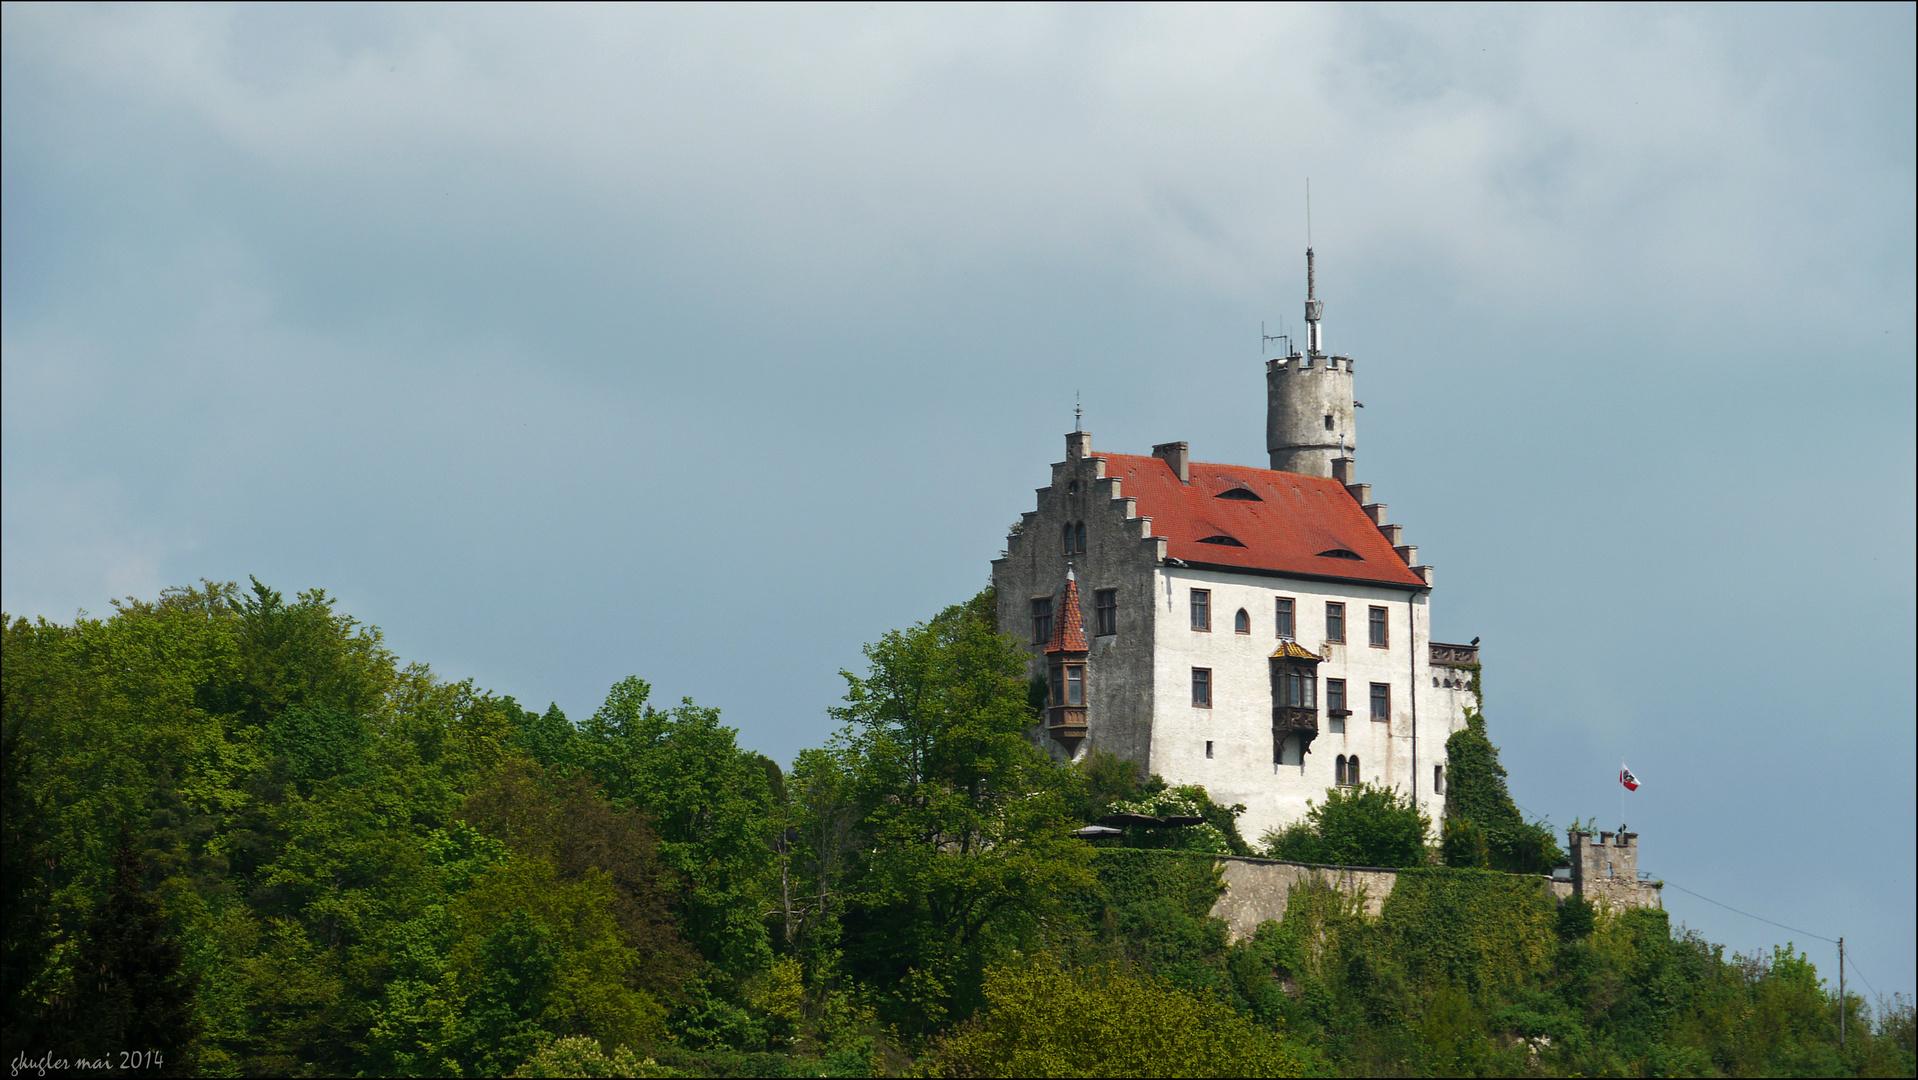 Kralsburg